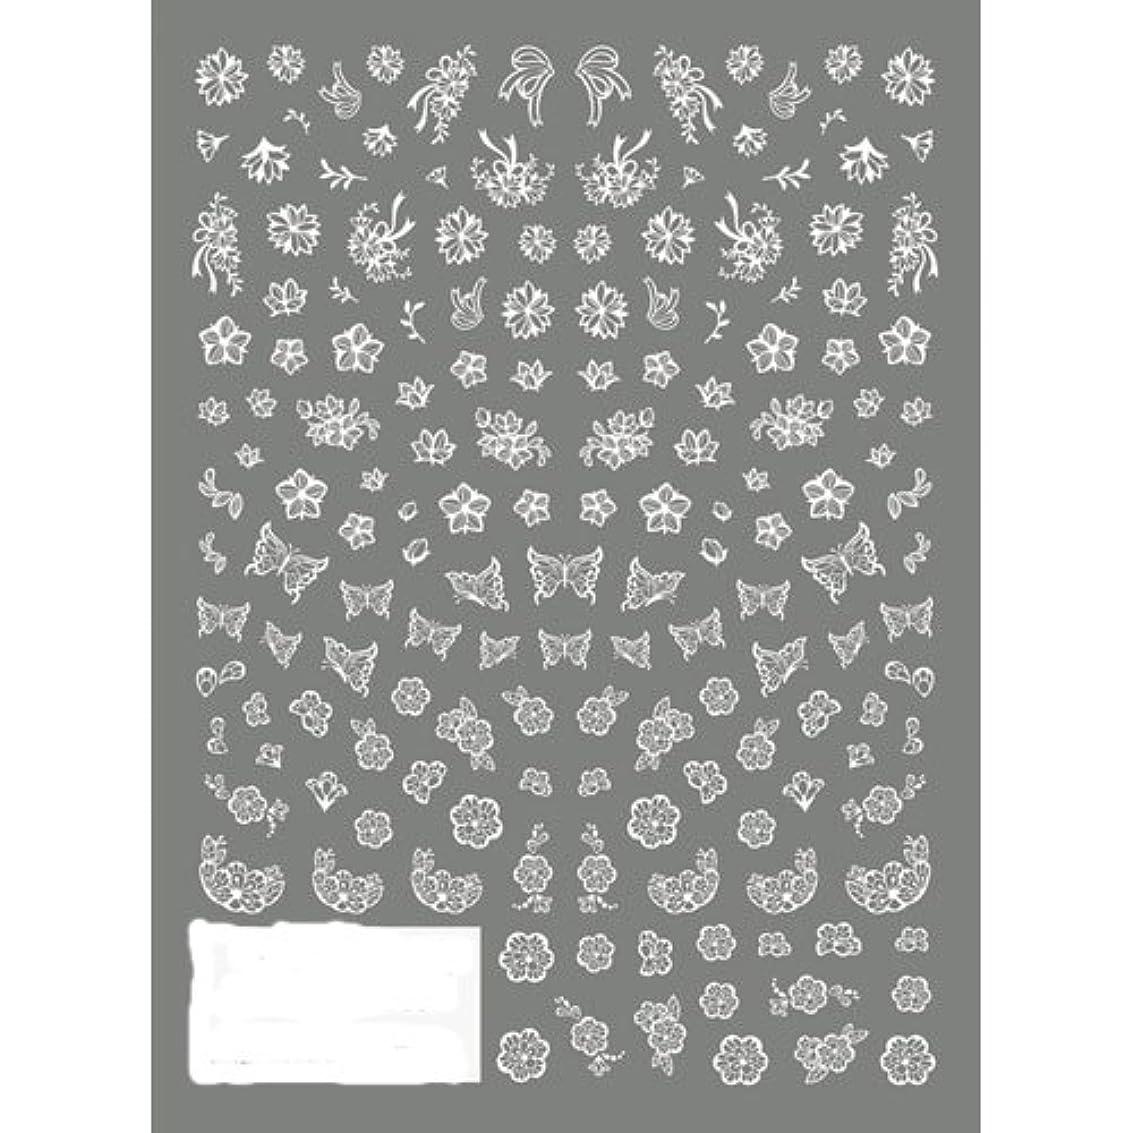 魅惑する子孫不良品TSUMEKIRA(ツメキラ) ネイルシール 切り絵 フラワー&バタフライ ホワイト NN-KRE-201 1枚